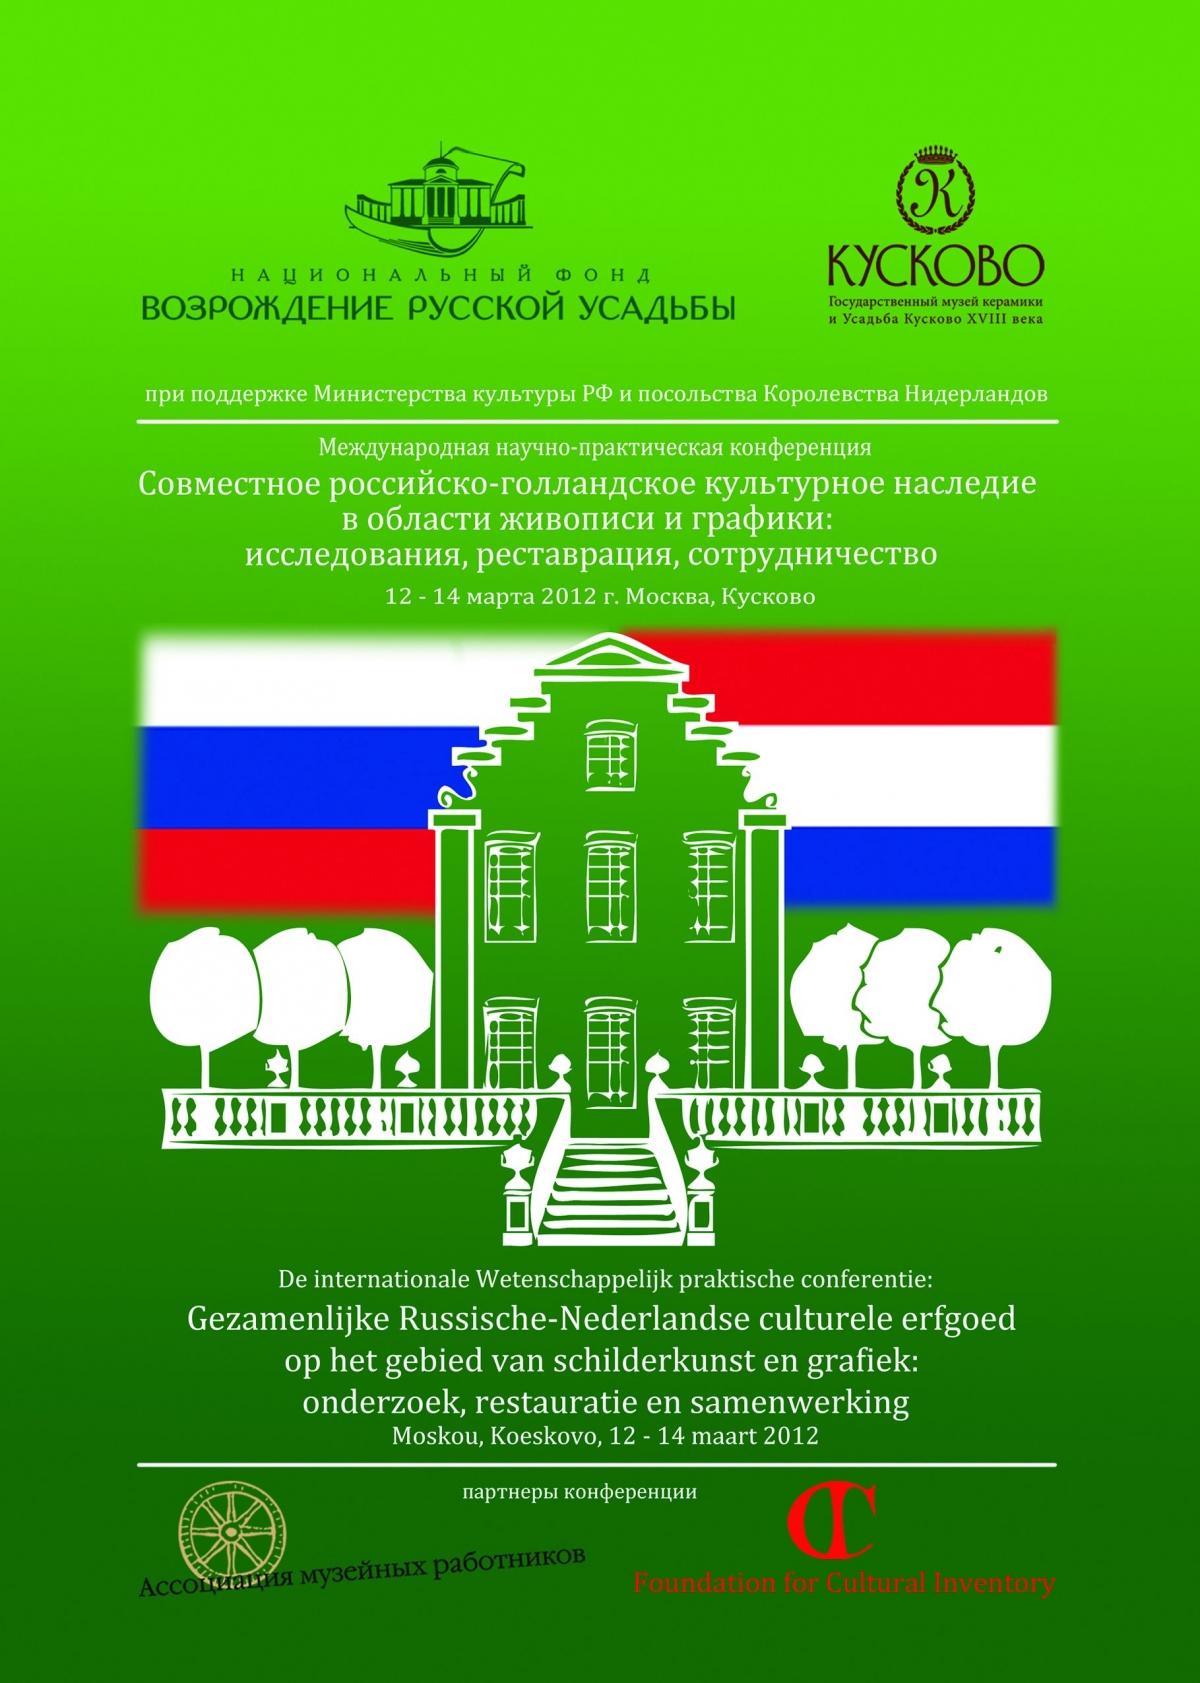 «Совместное российско-голландское культурное наследие в области живописи и графики»